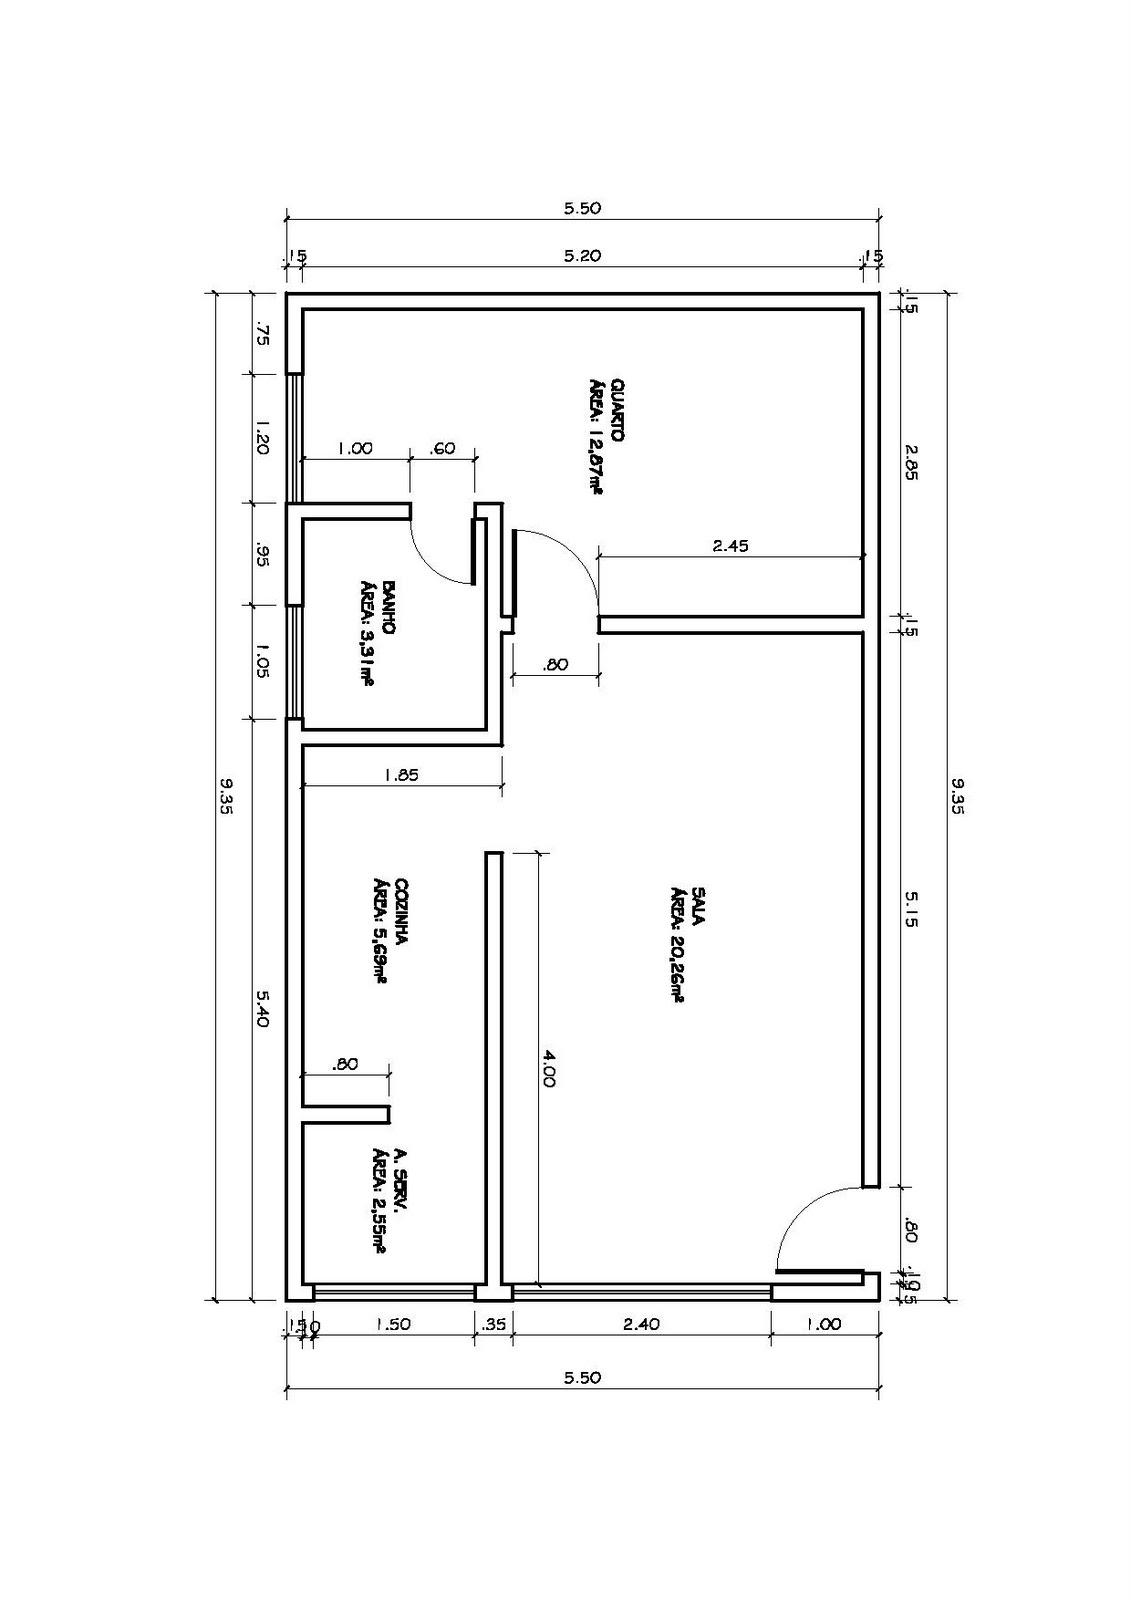 #383838 André Gonçalves '' Projetos específicos'': Planta baixa Layout. 1131x1600 px Projetos De Cozinhas Planta Baixa #729 imagens